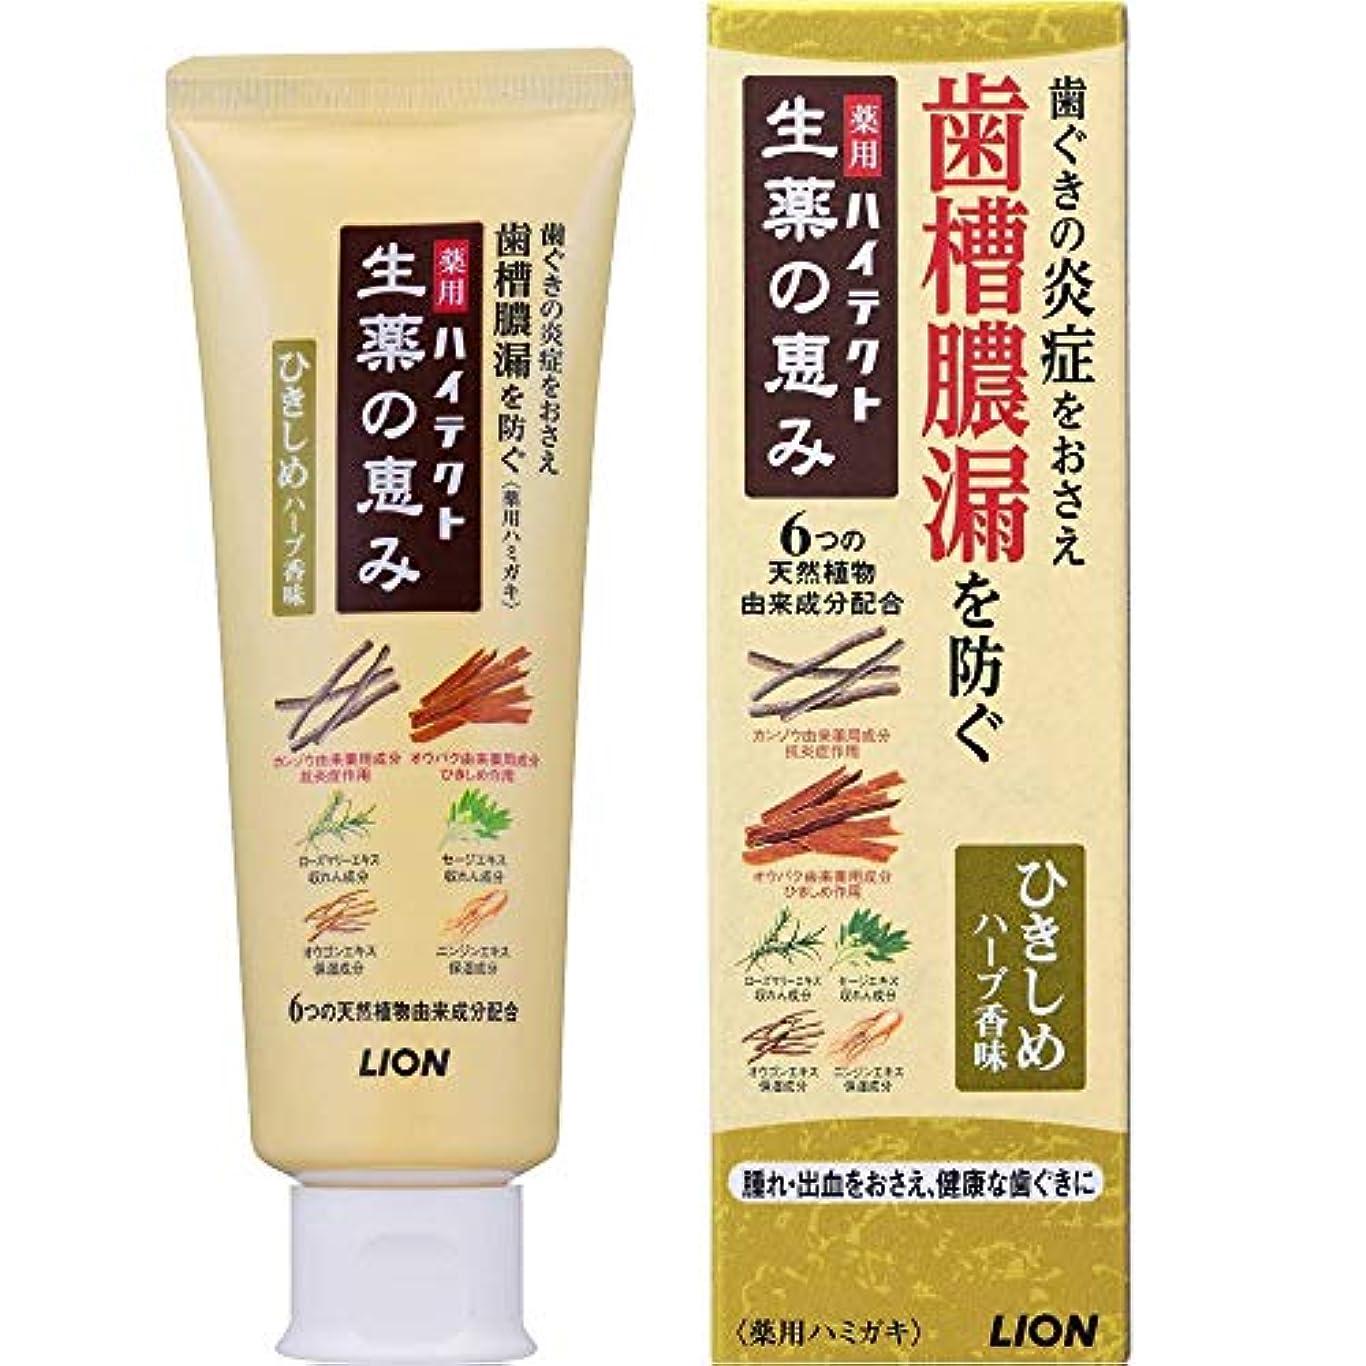 セールキウイ原告薬用ハイテクト生薬の恵み ひきしめハーブ香味 90g (医薬部外品)